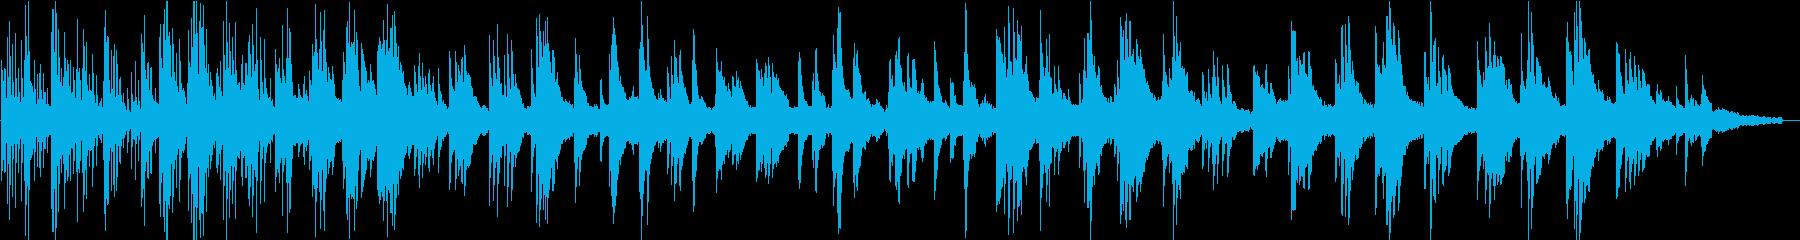 ヒーリングピアノ組曲 ただよう 11の再生済みの波形